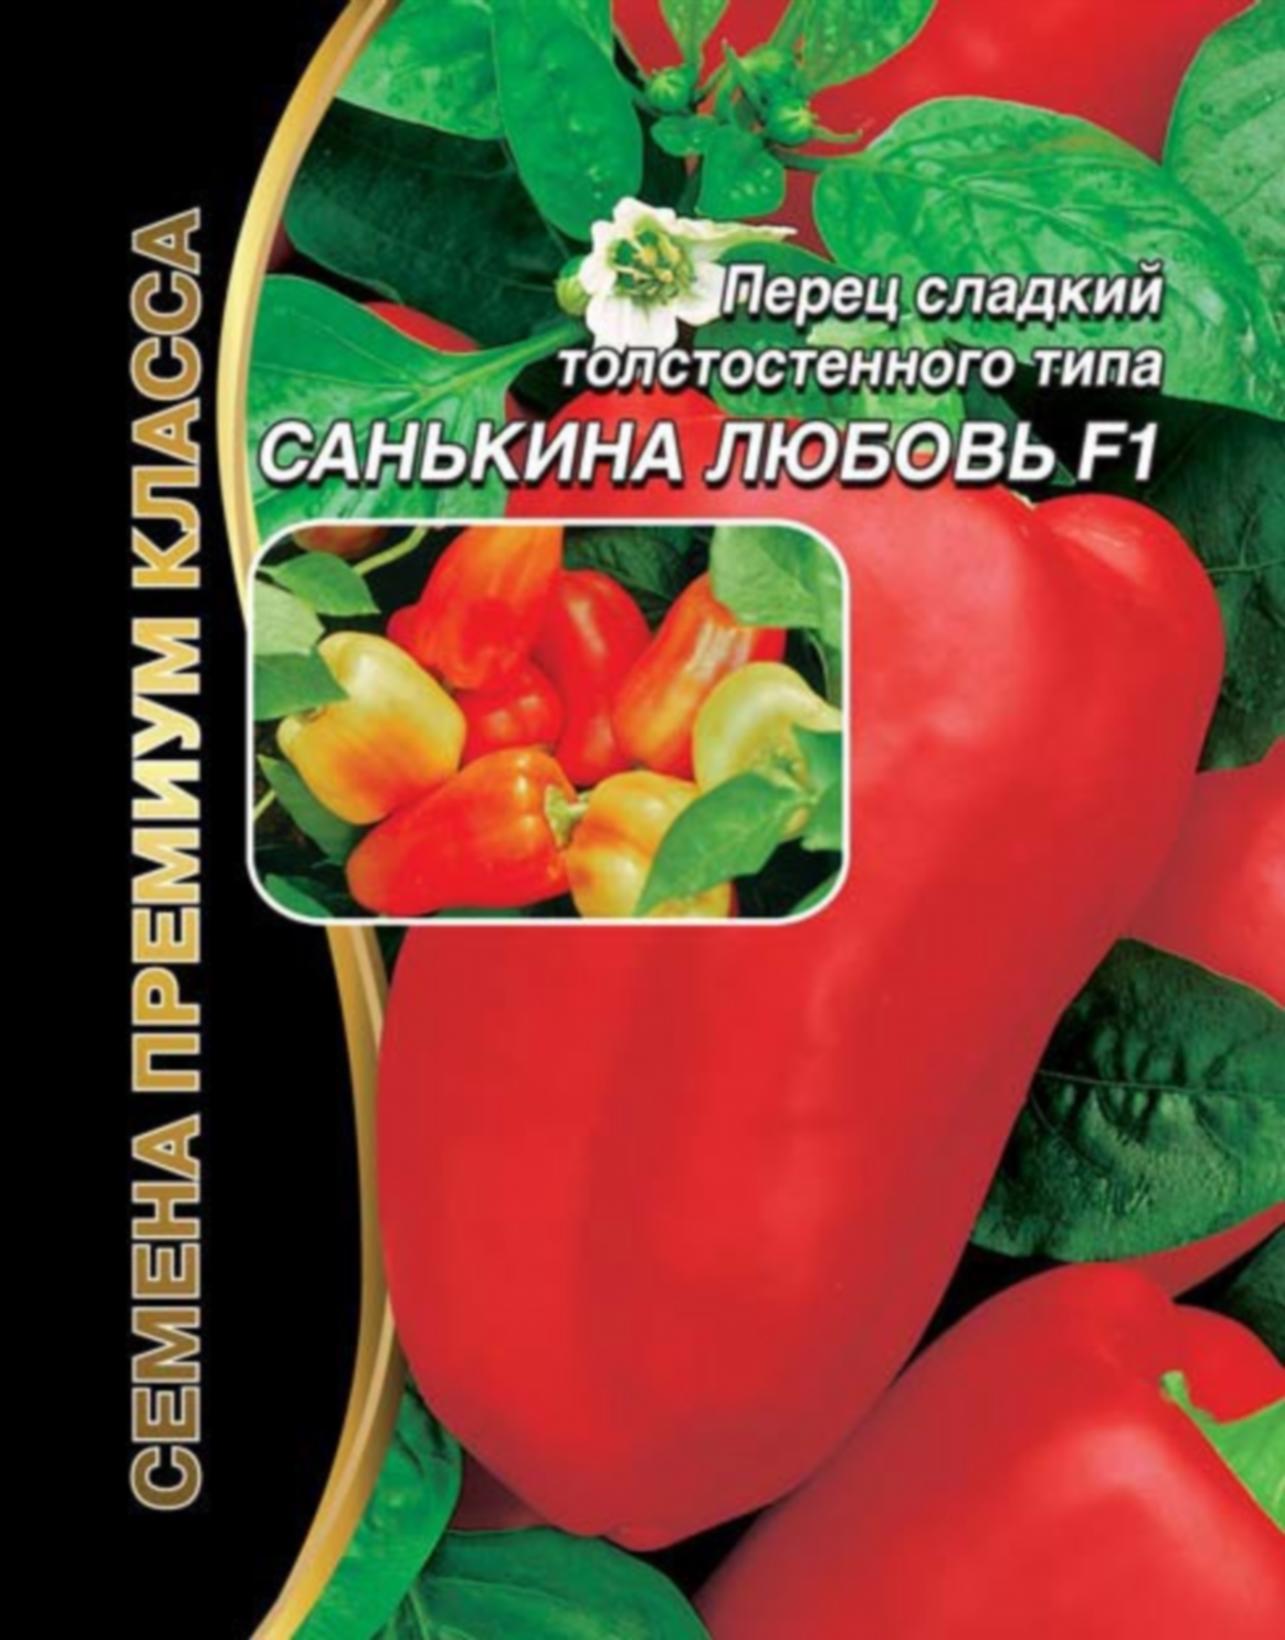 Перец сладкий Санькина Любовь F1 (УД)